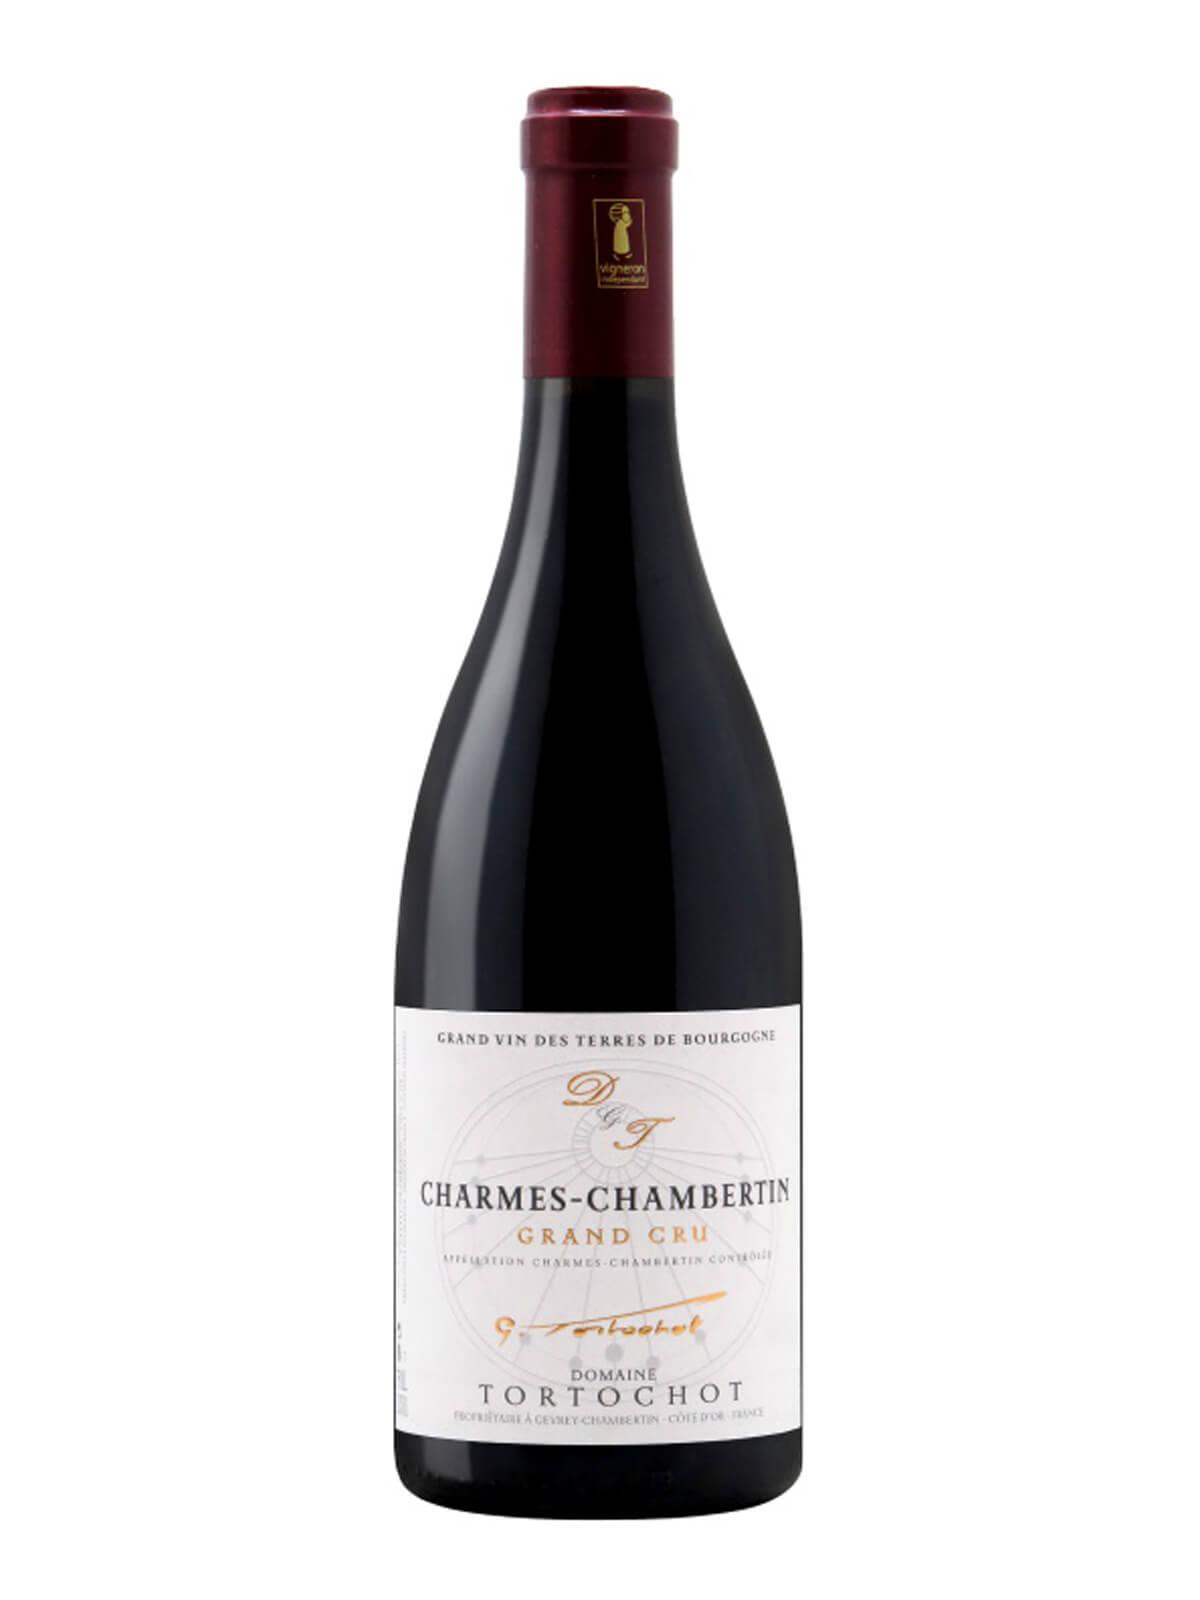 CHARMES CHAMBERTIN Grand Cru 2016 Domaine TORTOCHOT